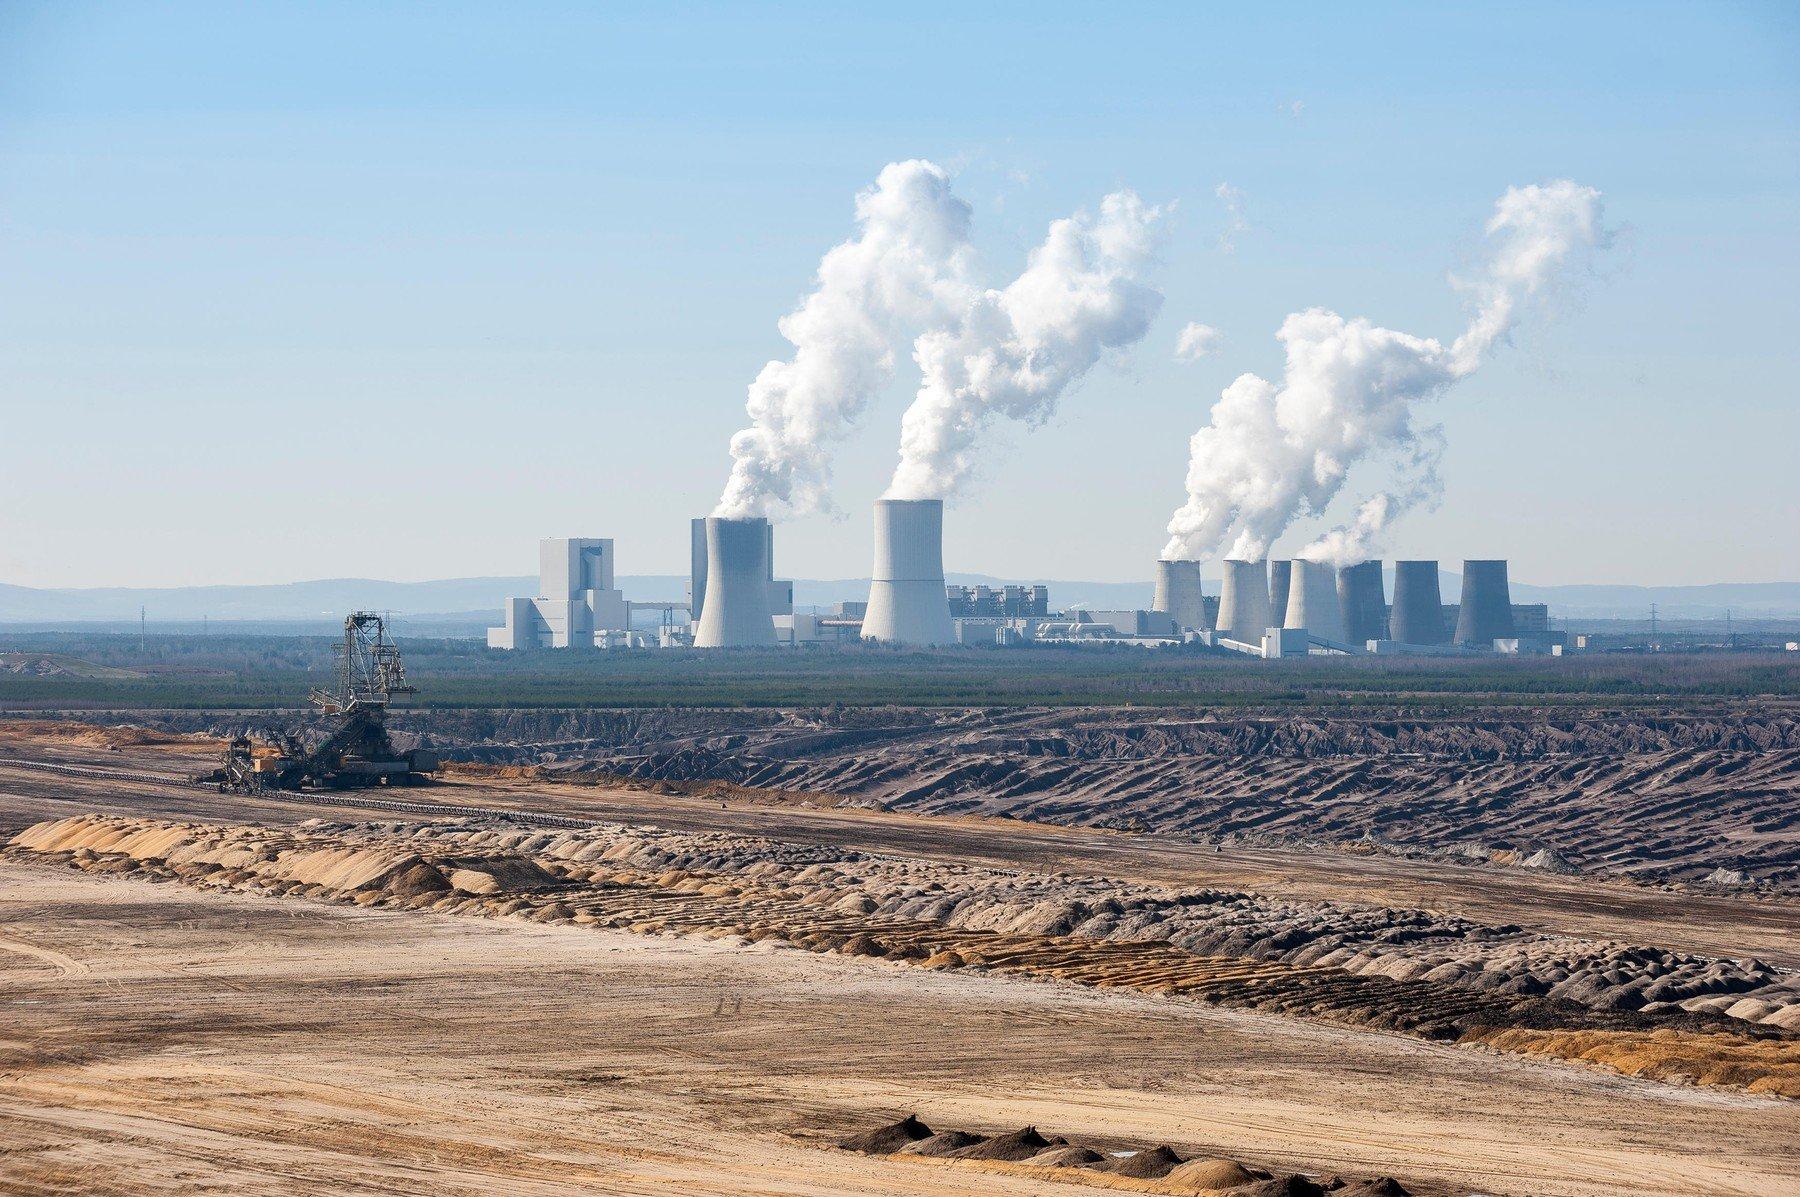 Těžba uhlí a elektrárna Boxberg v okresu Görlitz, Sasko